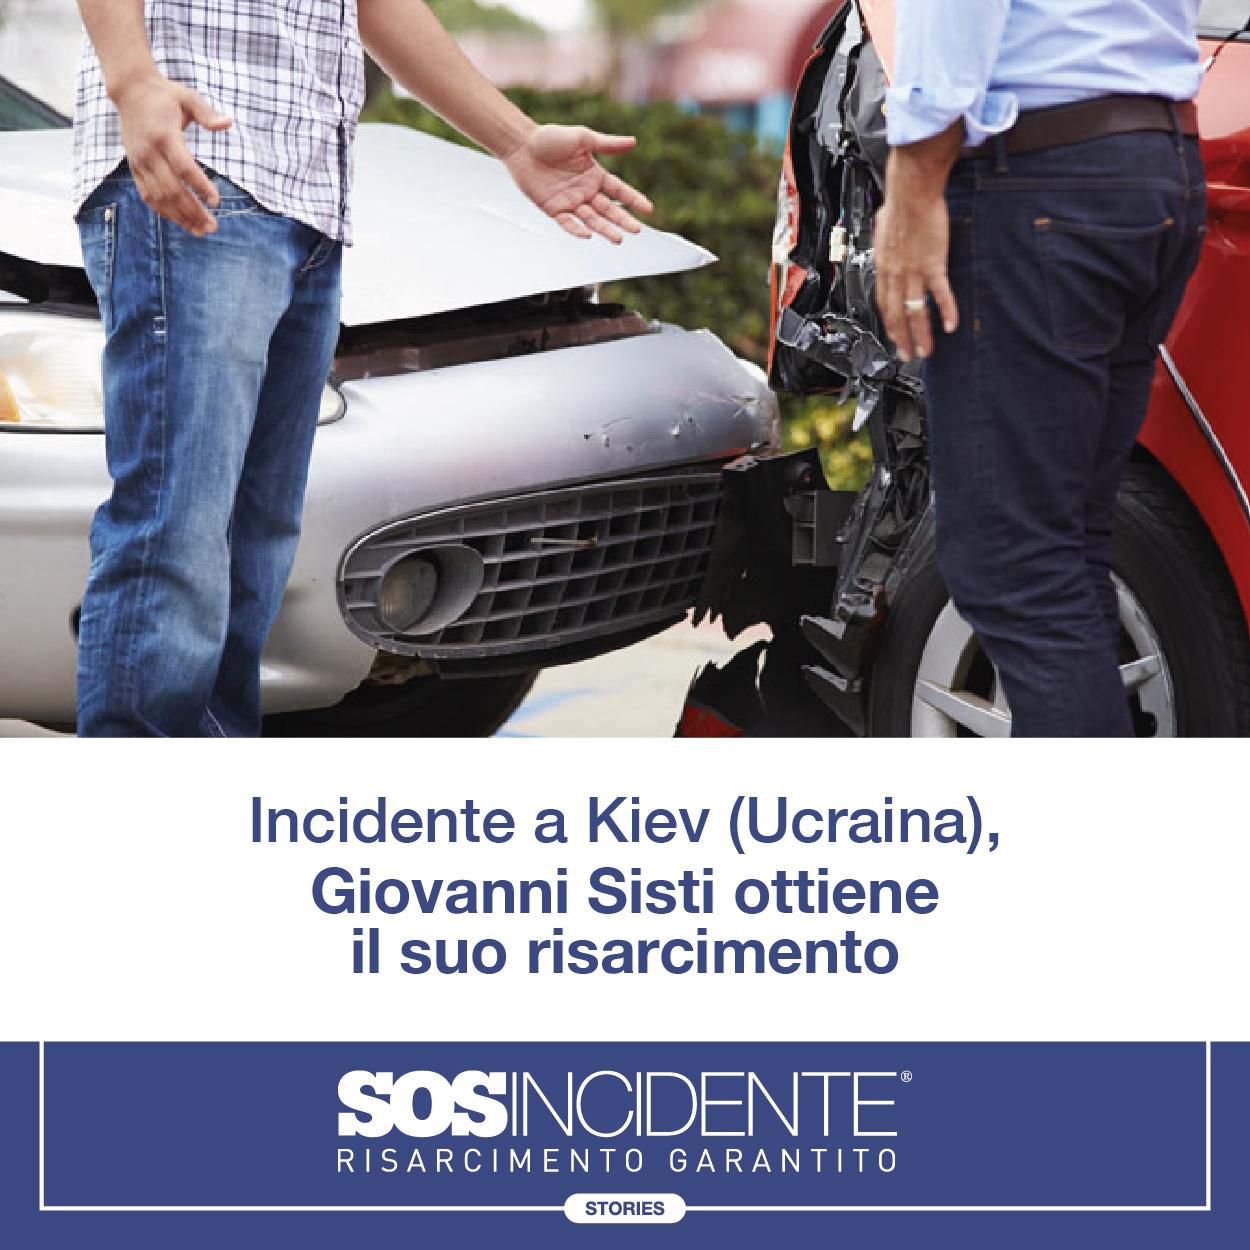 SOSIncidente_Incidente_Con_Veicoli_Stranieri